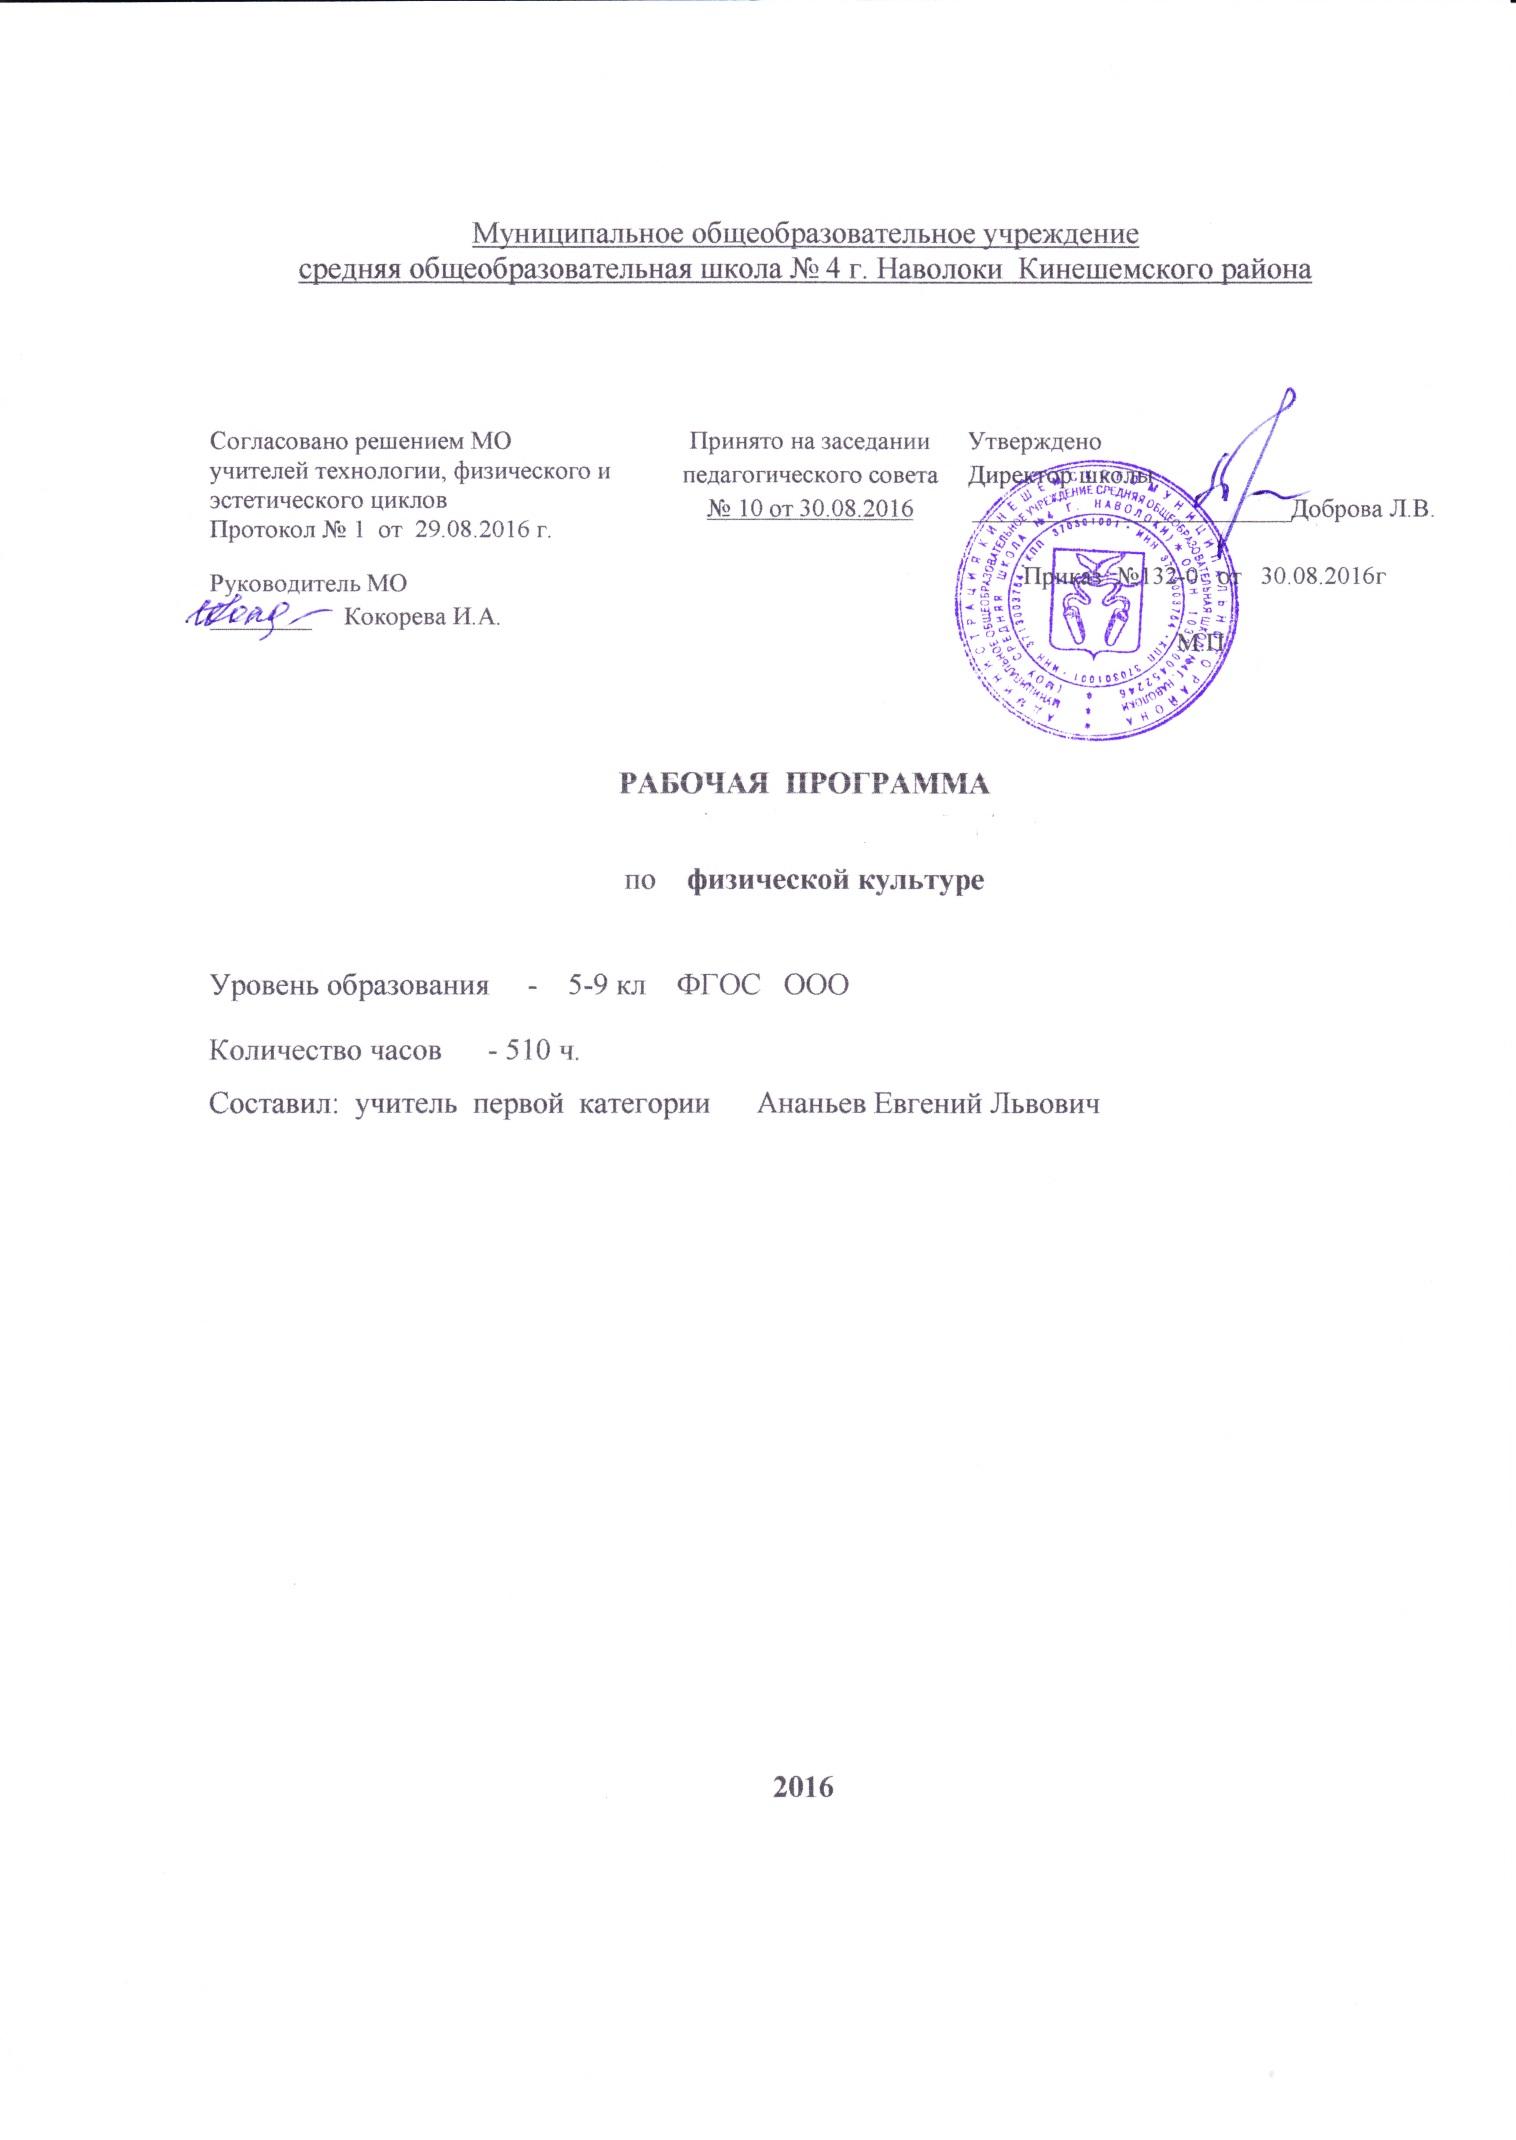 D:\Женя документы май 2017\Рабочие программы 2017 новое\2017_05_17\IMG_0003.jpg